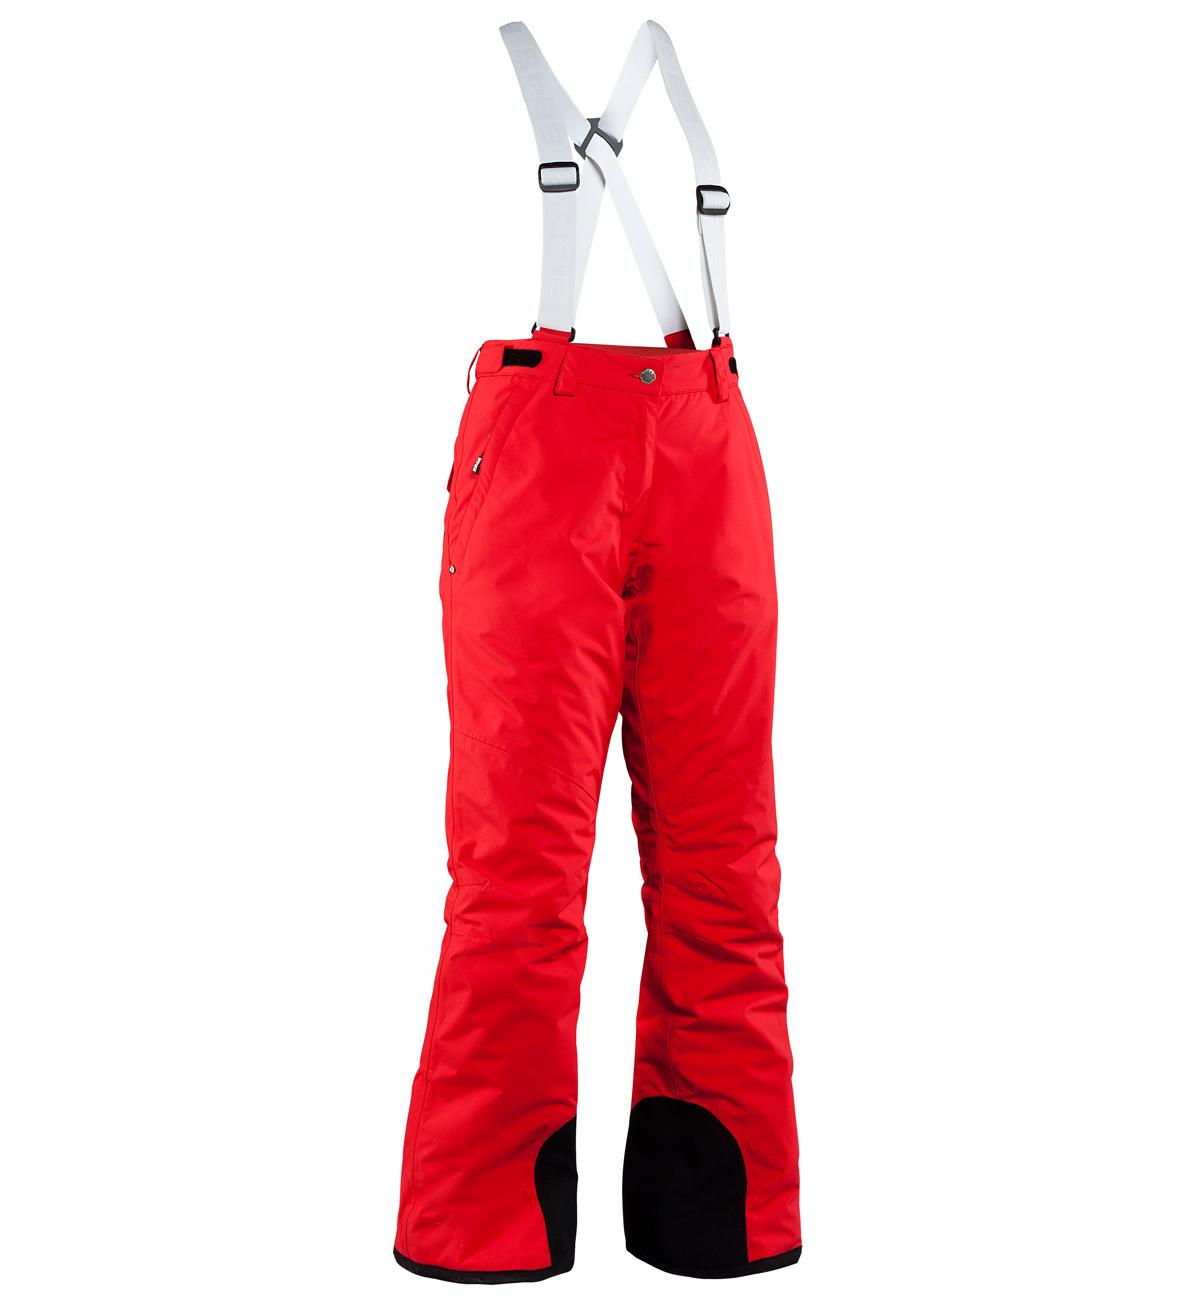 Брюки горнолыжные 8848 Altitude Isa женские Red